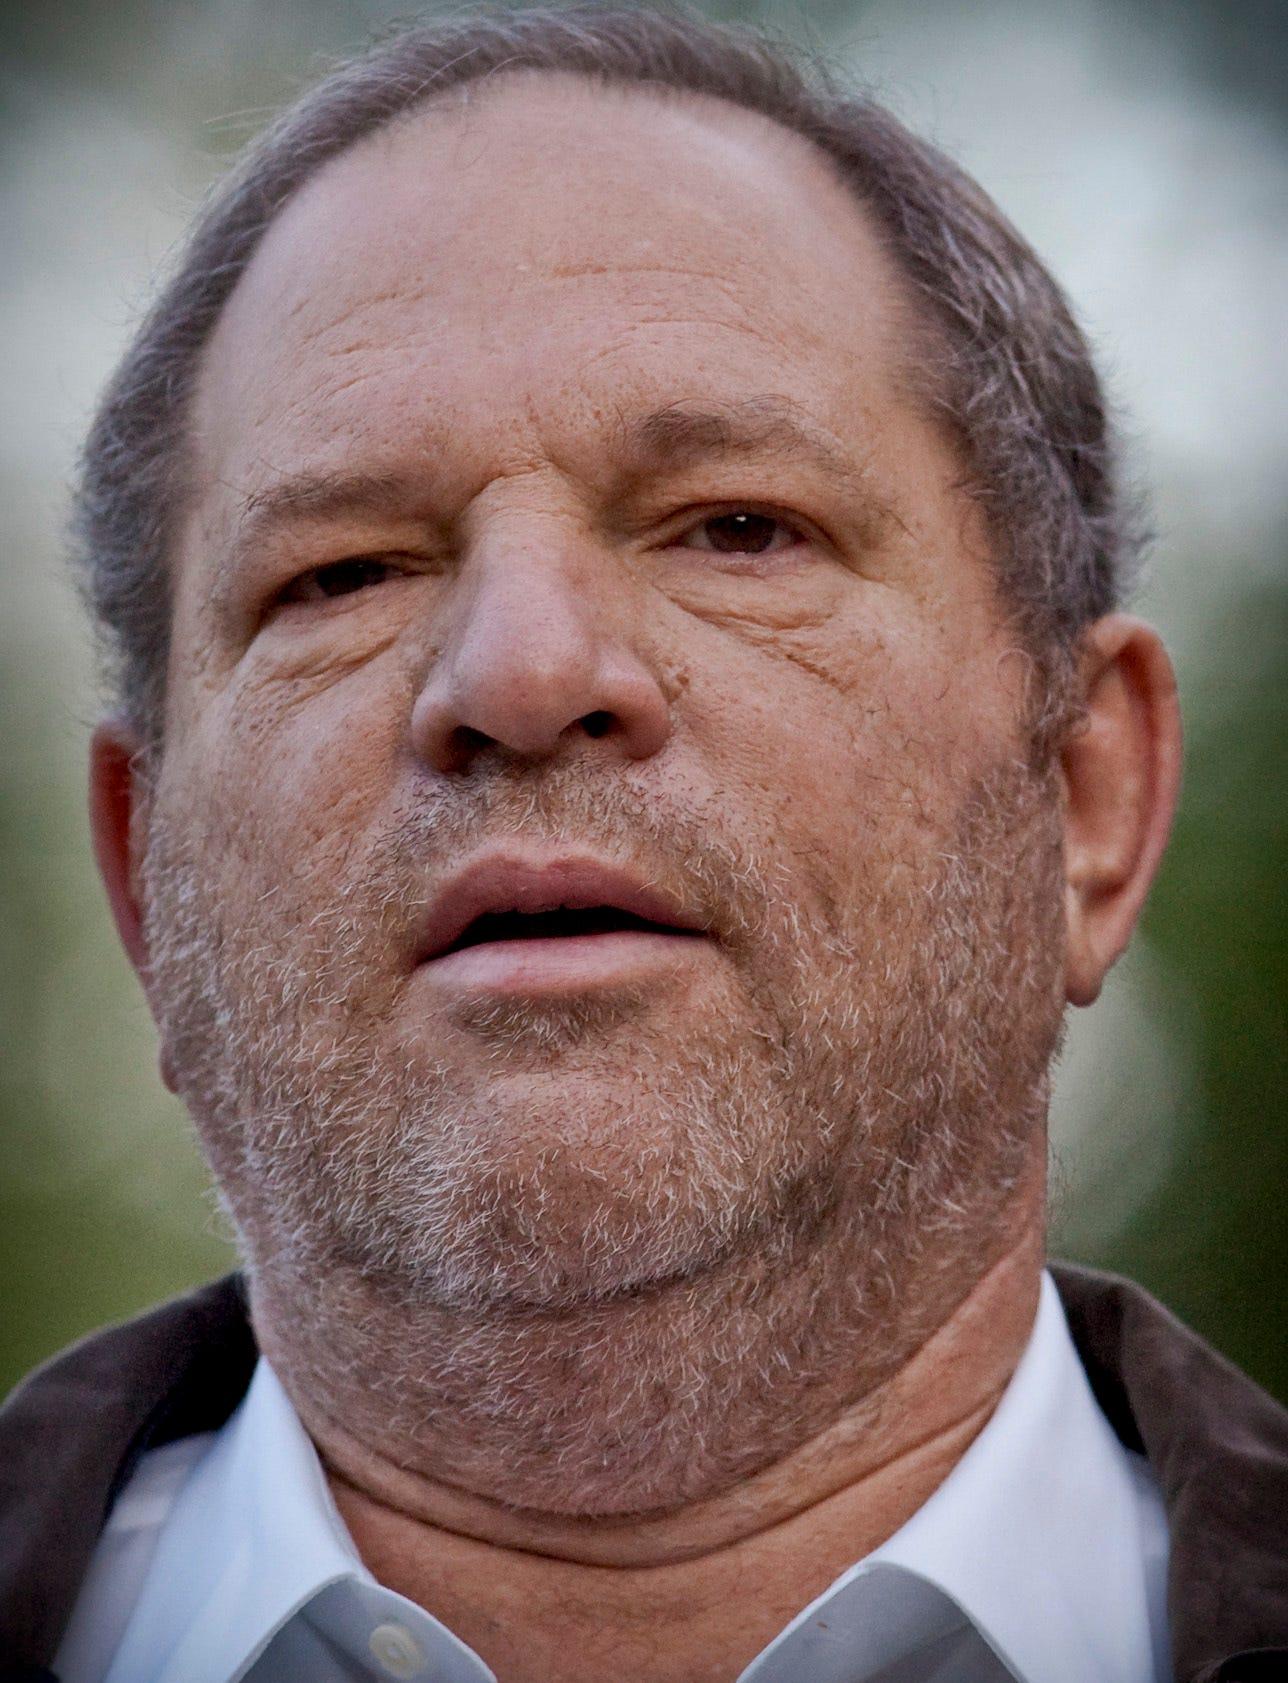 Harvey weinstein close up - 2019 year